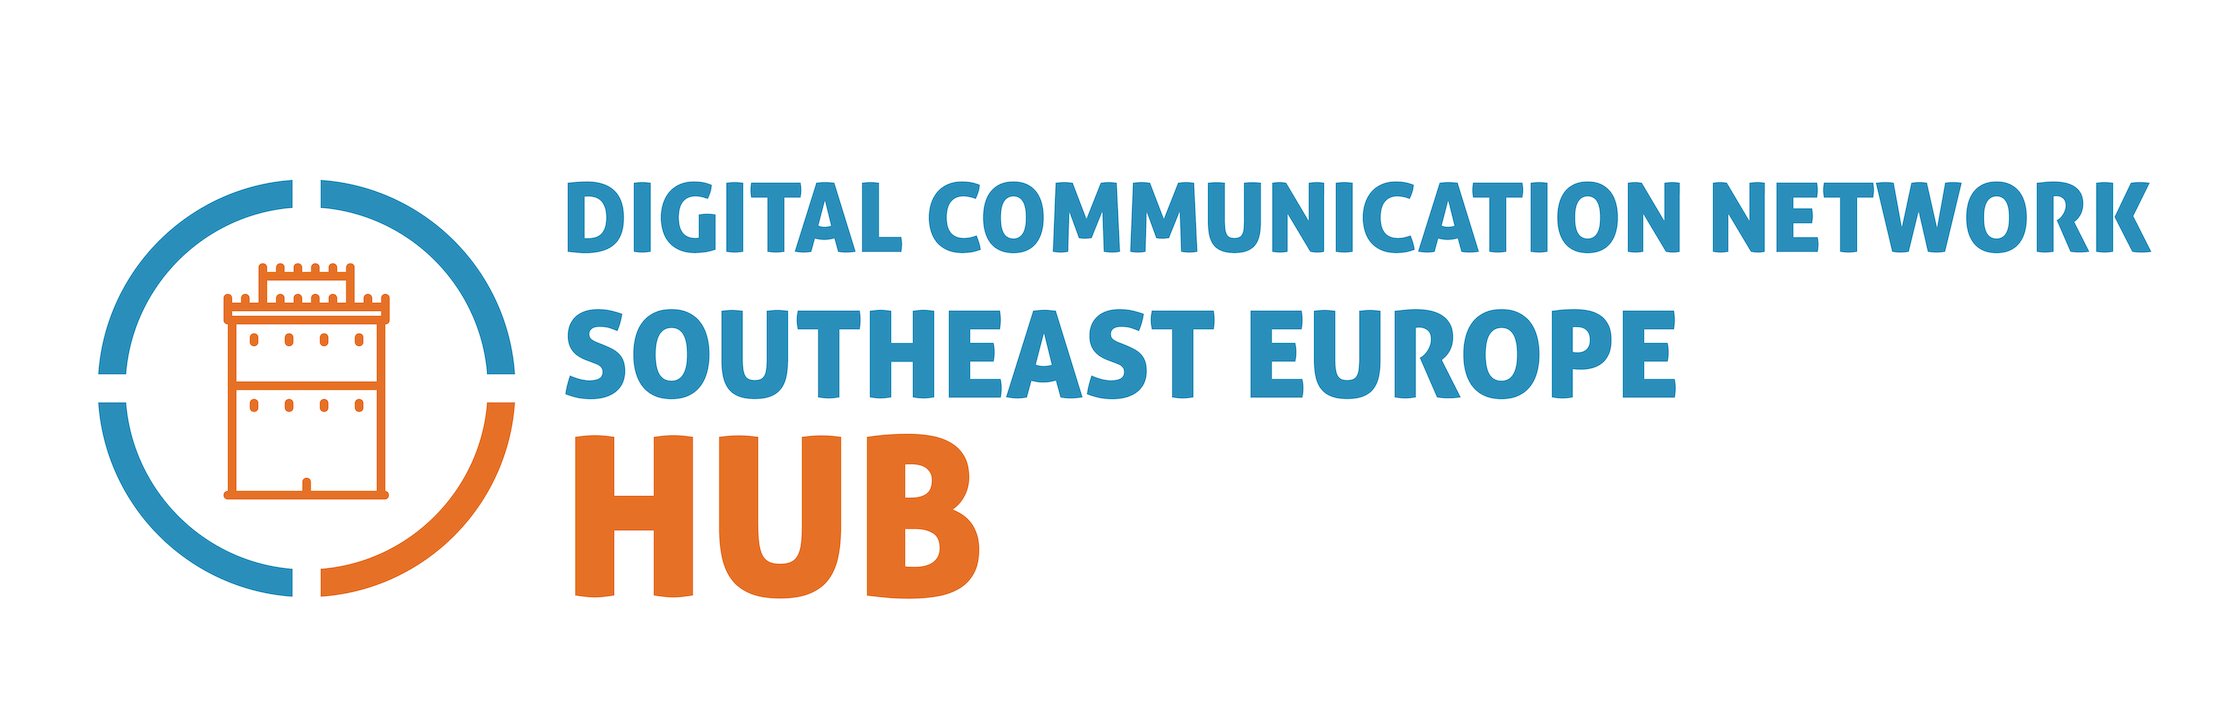 Συνεργασία του Xanthi TechLab με το Digital Communication Network South Eastern Hub